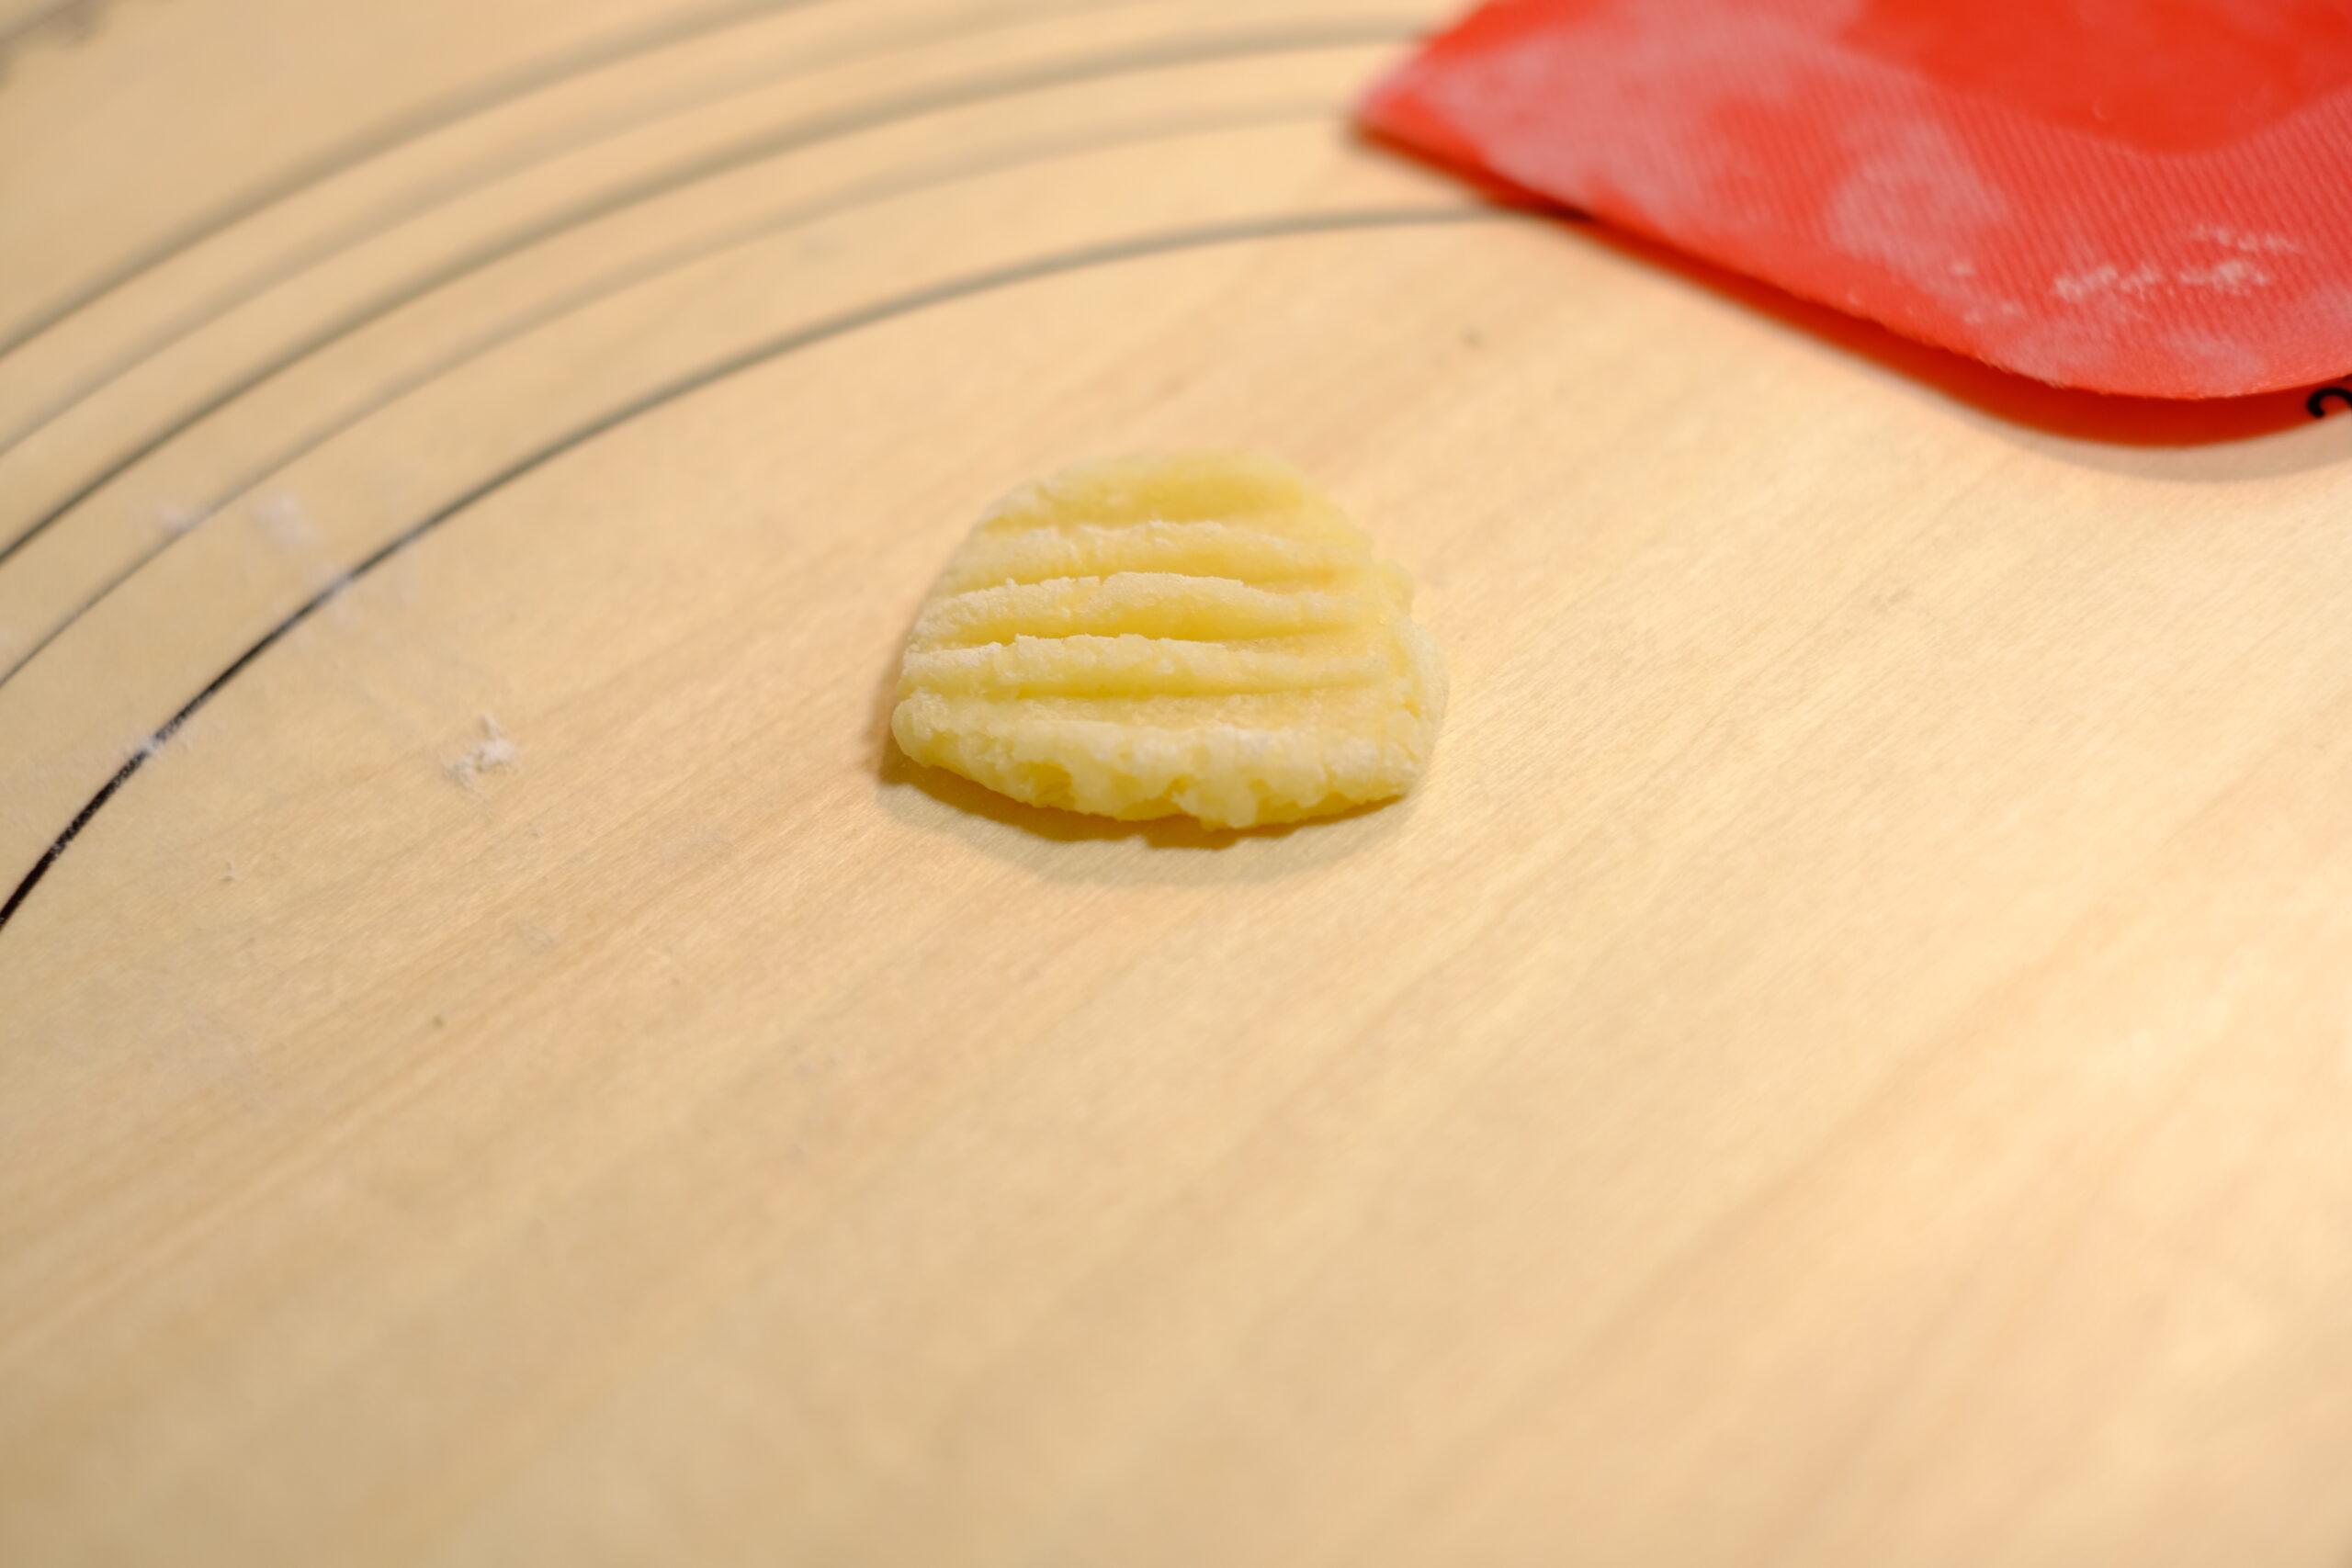 フォークで模様のついたニョッキの生地の画像です